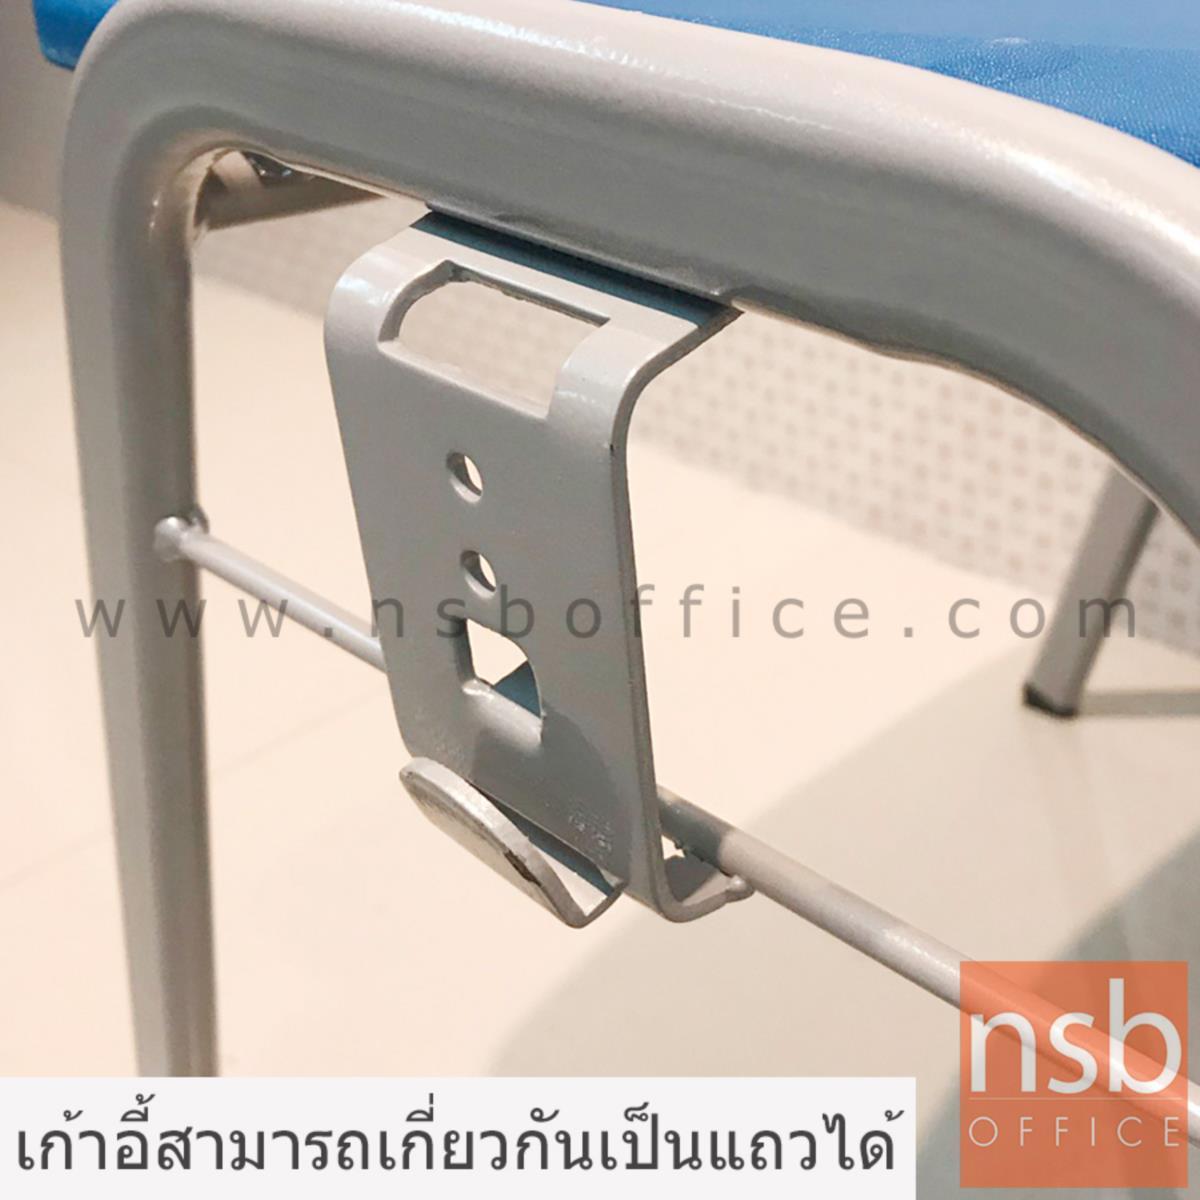 เก้าอี้อเนกประสงค์เฟรมโพลี่ รุ่น KK-M017 ขาเหล็ก